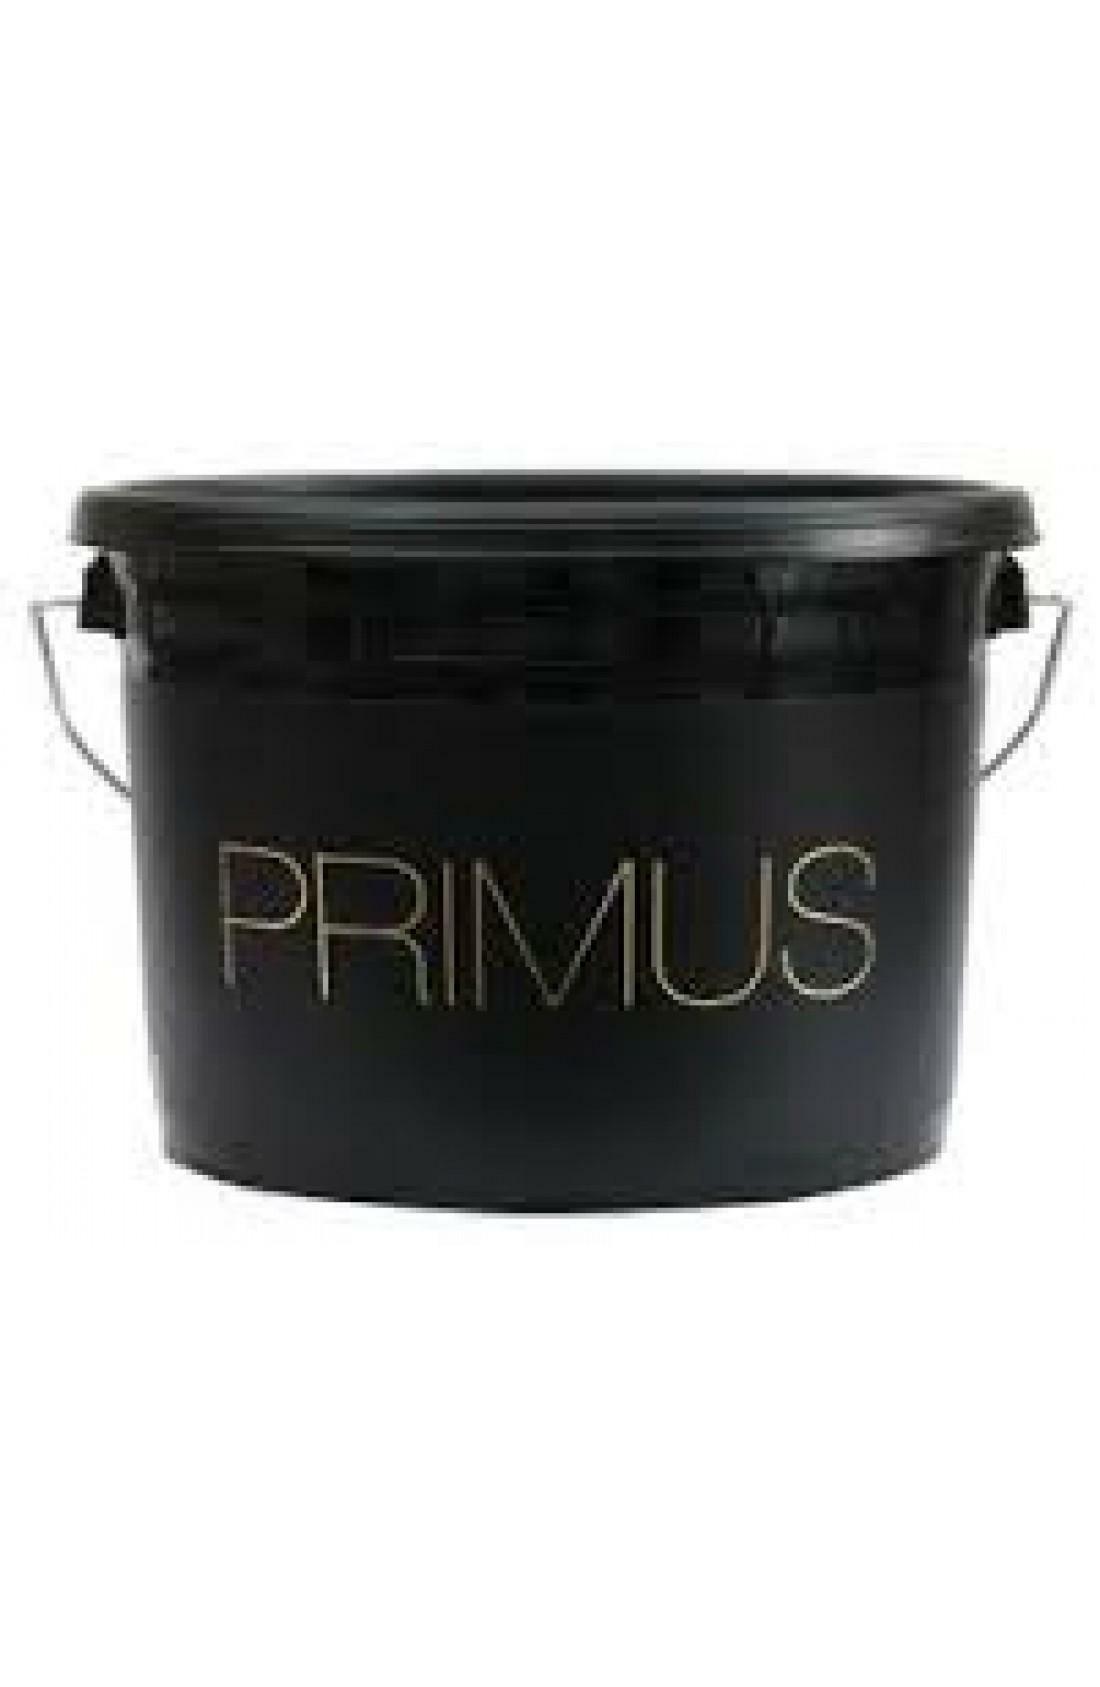 graesan graesan primus naturale 2,5 lt fondo di preparazione per pitture decorative